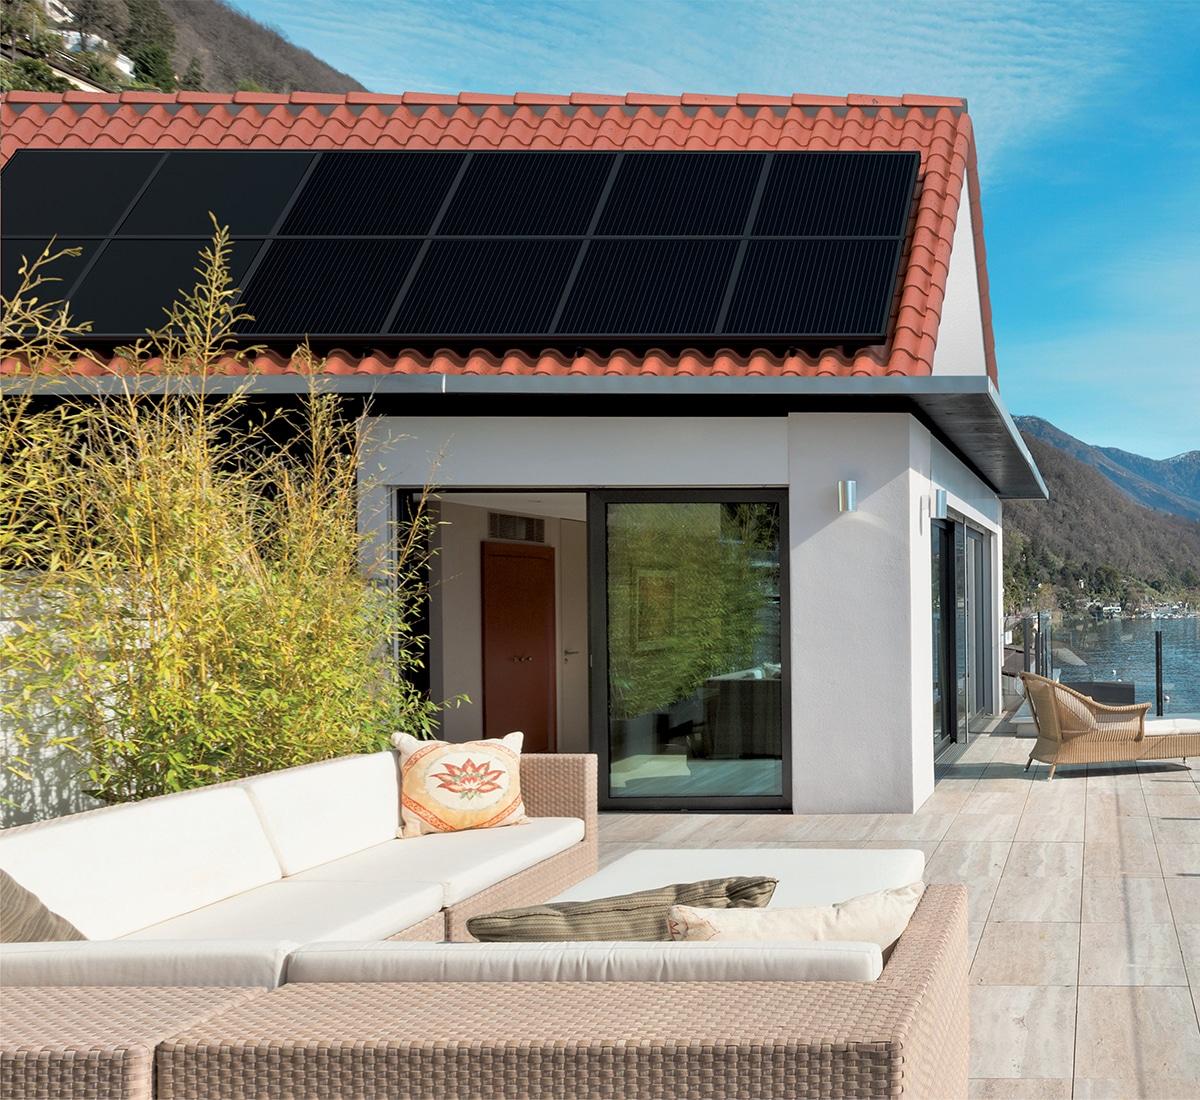 neovivo installateur de panneaux photovoltaiques